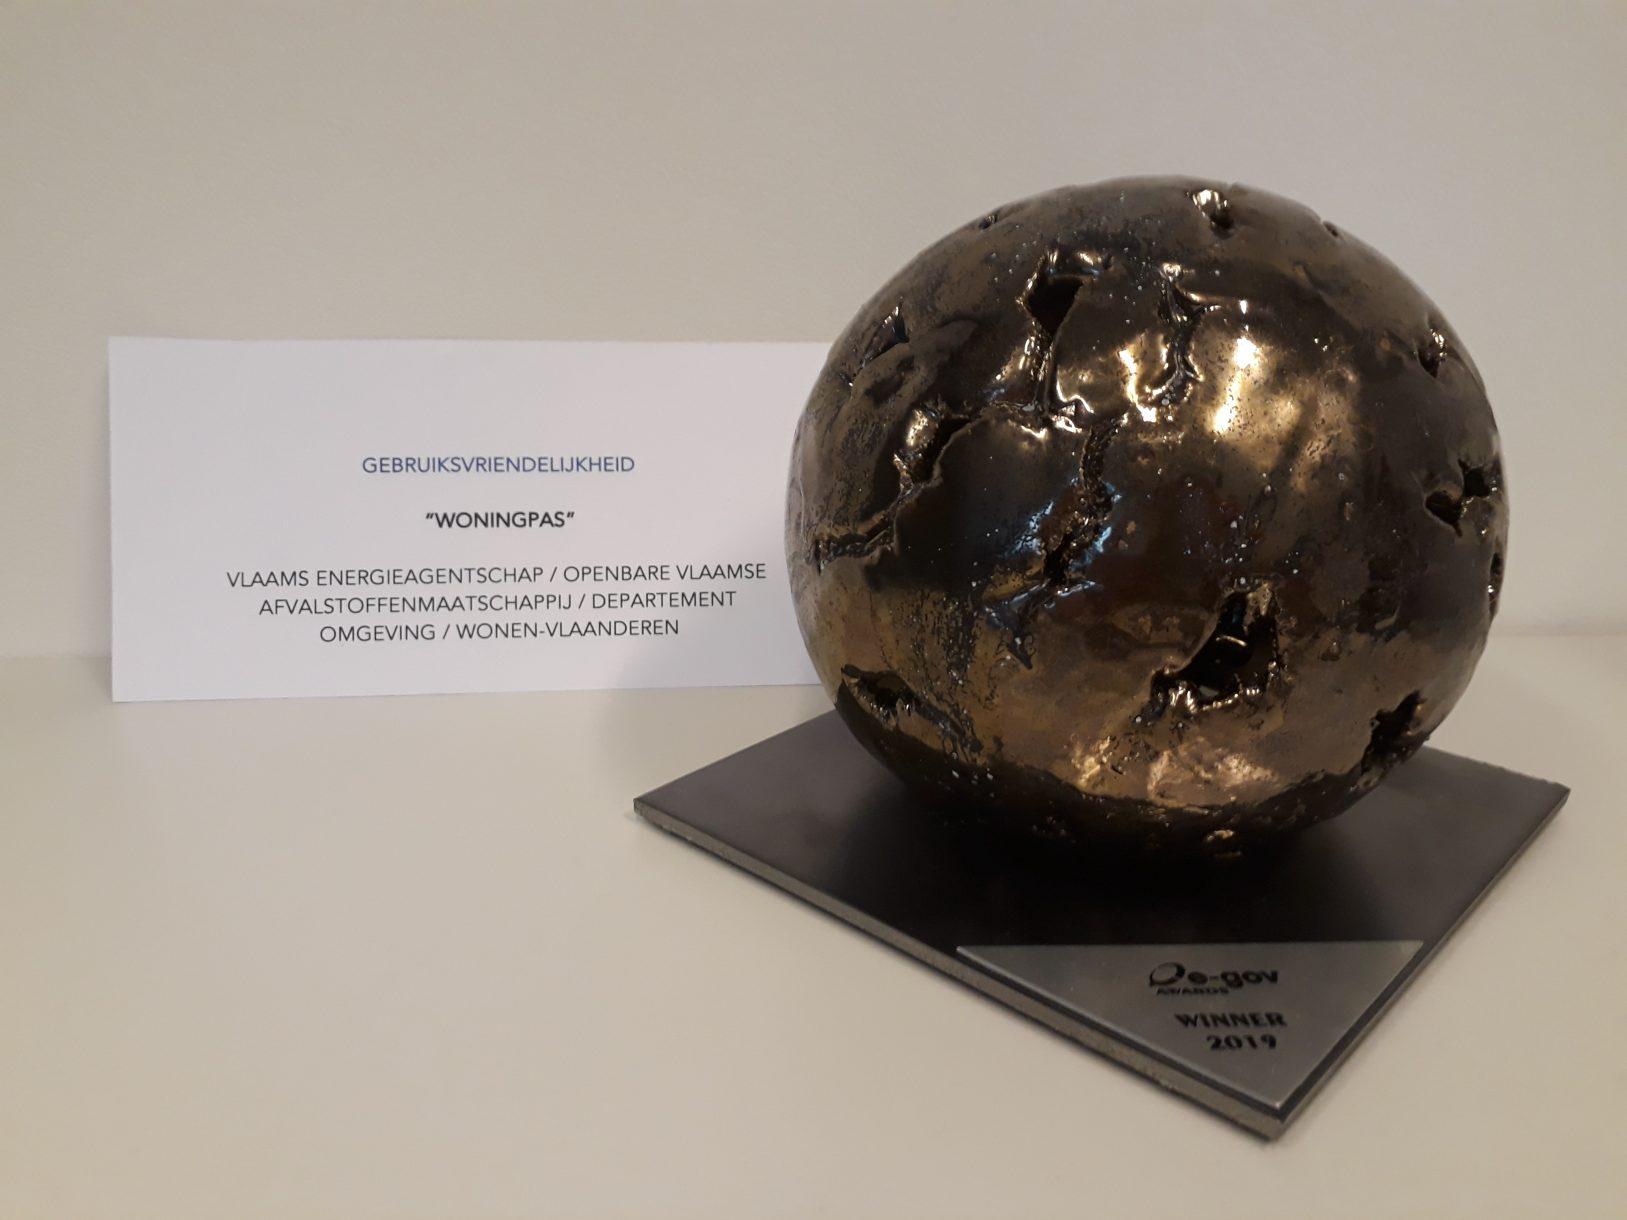 woningpas e-gov award